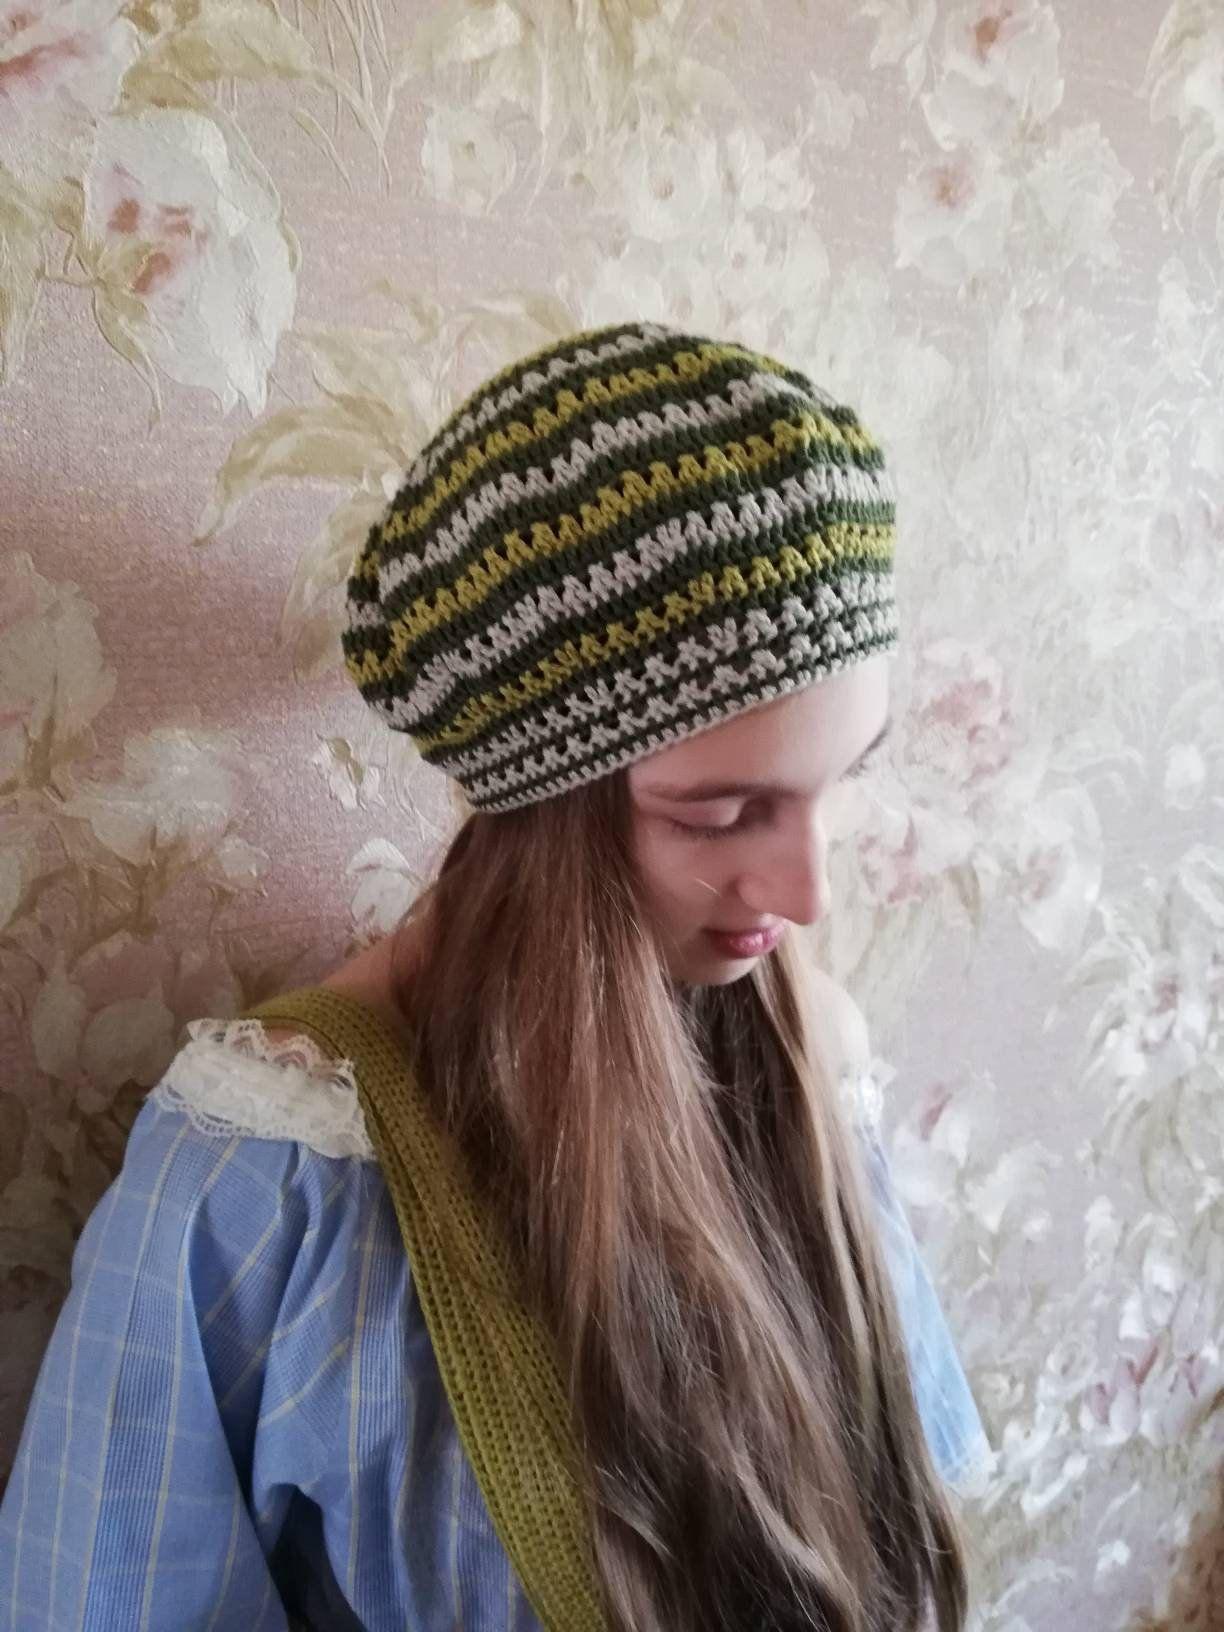 b673c6f8fdc02 Green Crochet Summer Beret Natural Linen Cotton Bamboo Spring Summer Hat  Crochet Bohemian Boho Hat Beach Beret